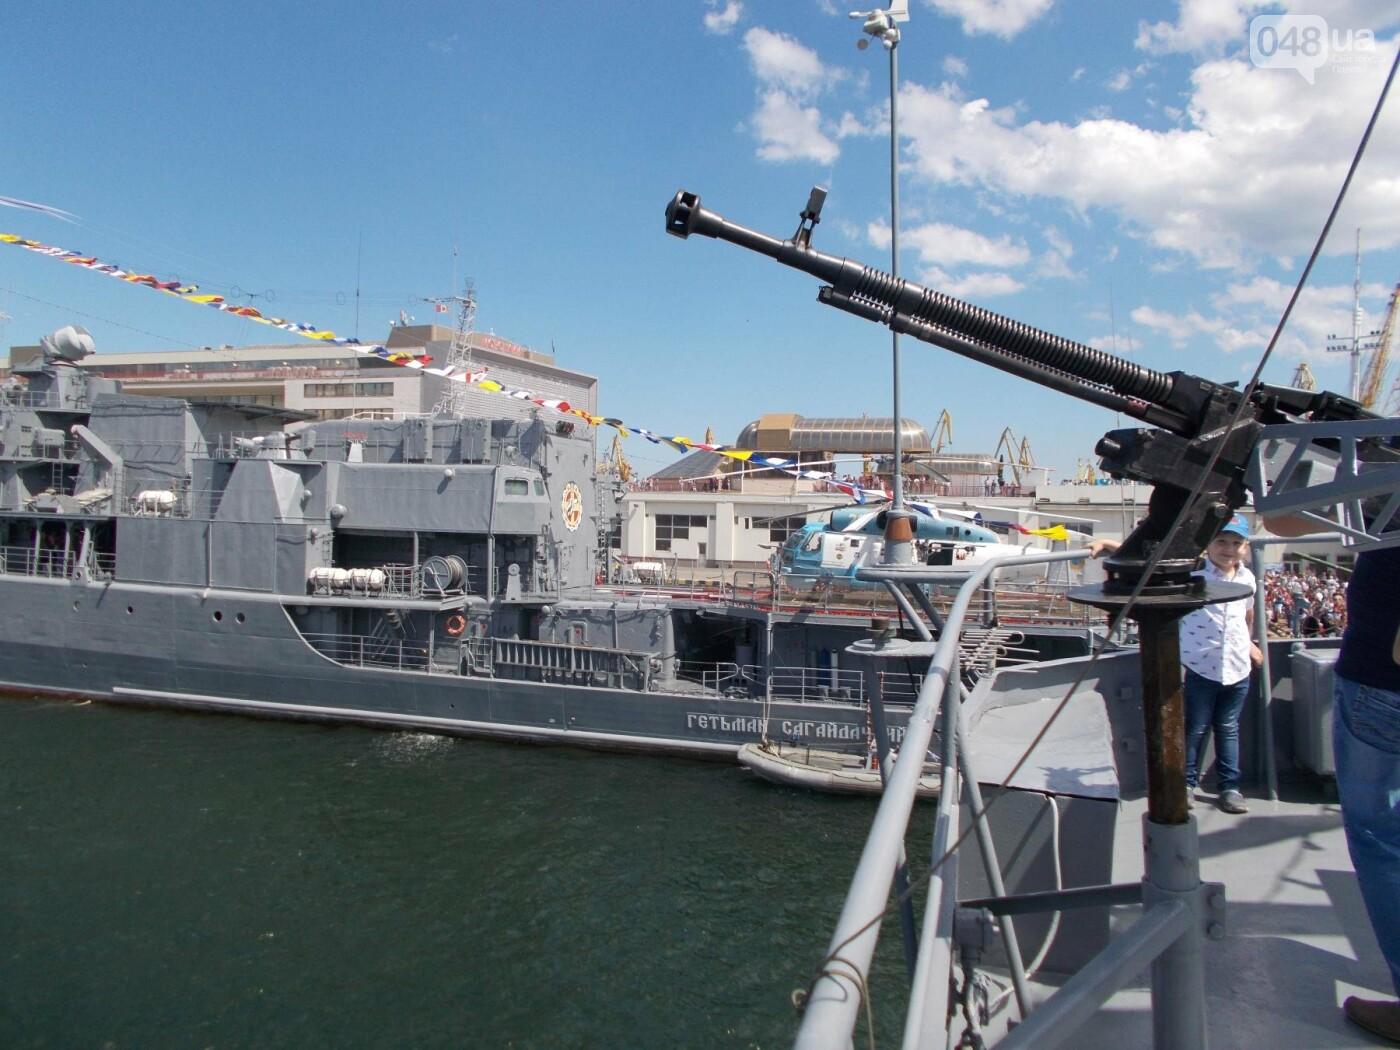 День Военно-морских сил Украины отпраздновали на Одесском морвокзале, - ФОТО , фото-24